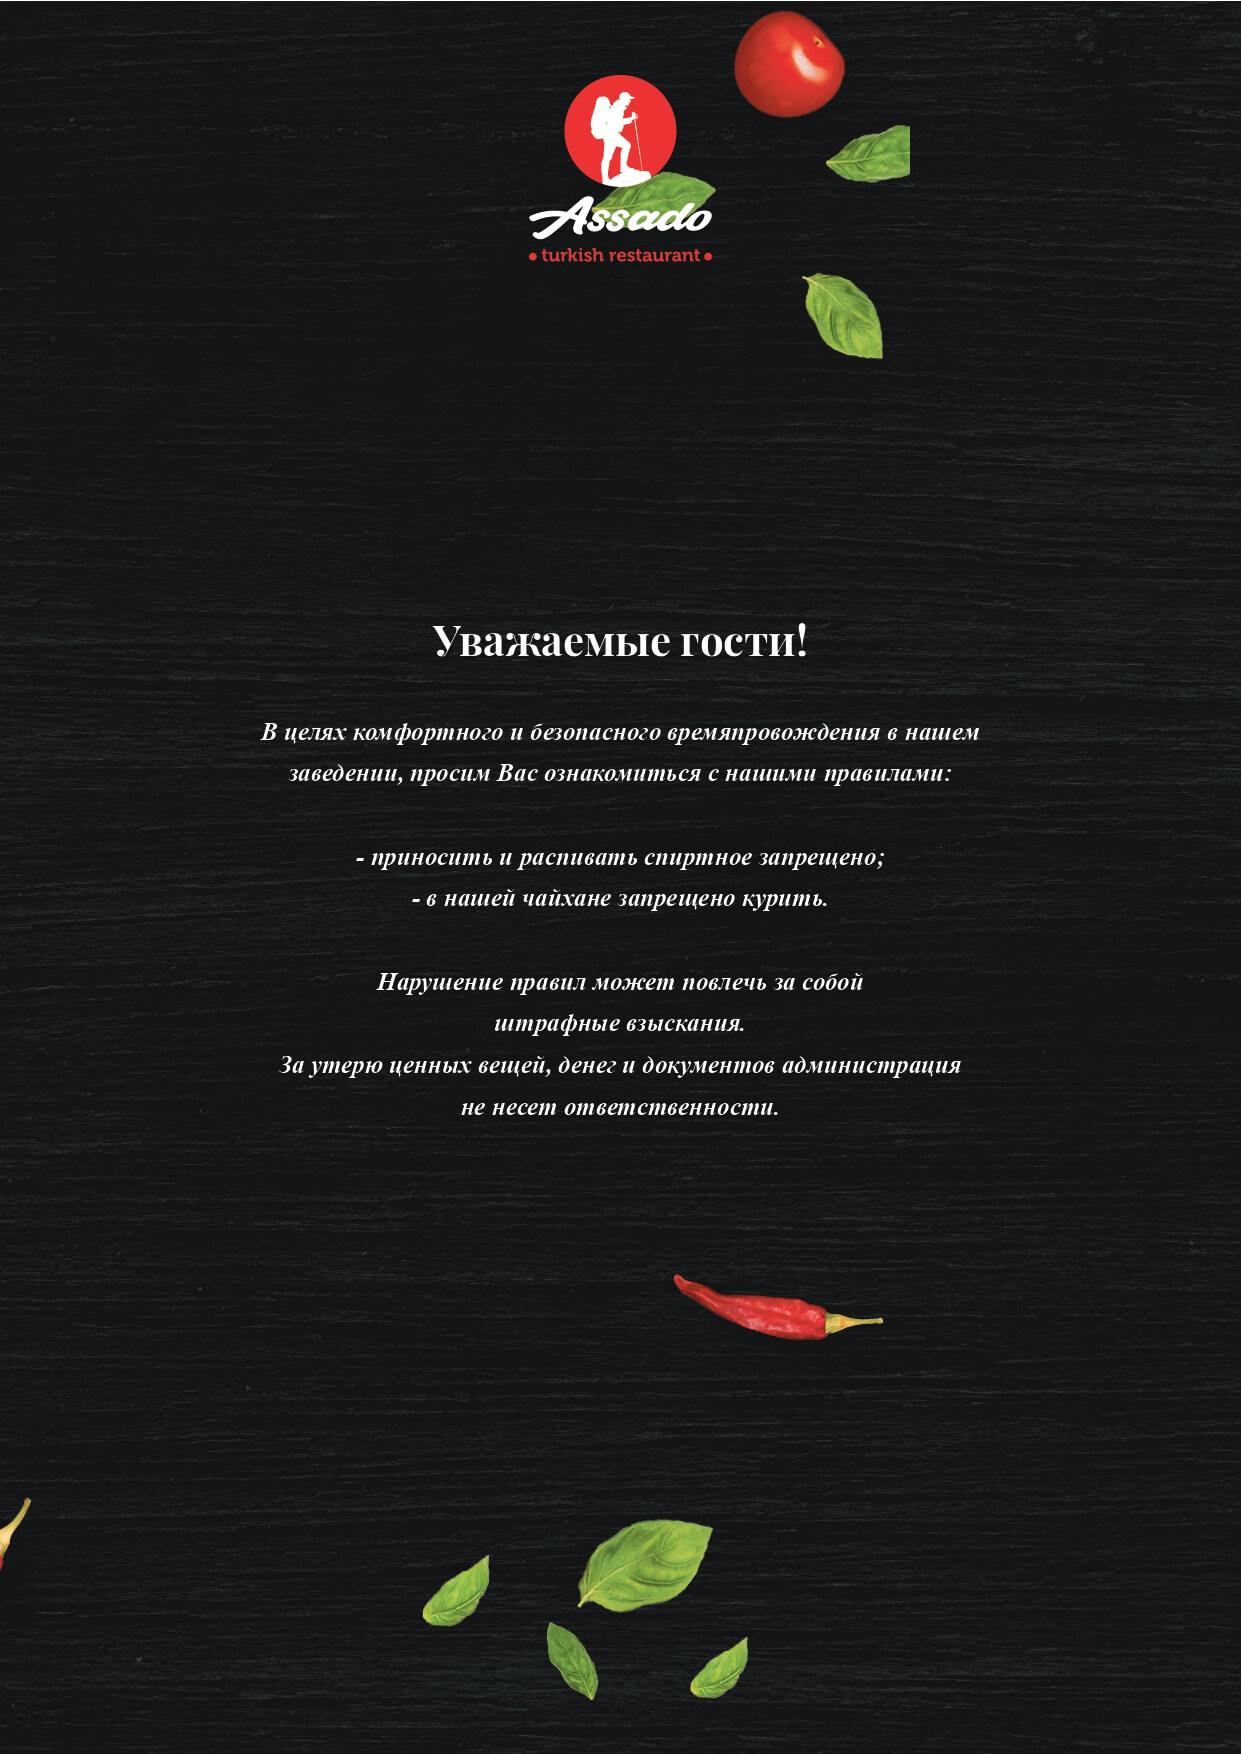 Assado_menu_page-0039